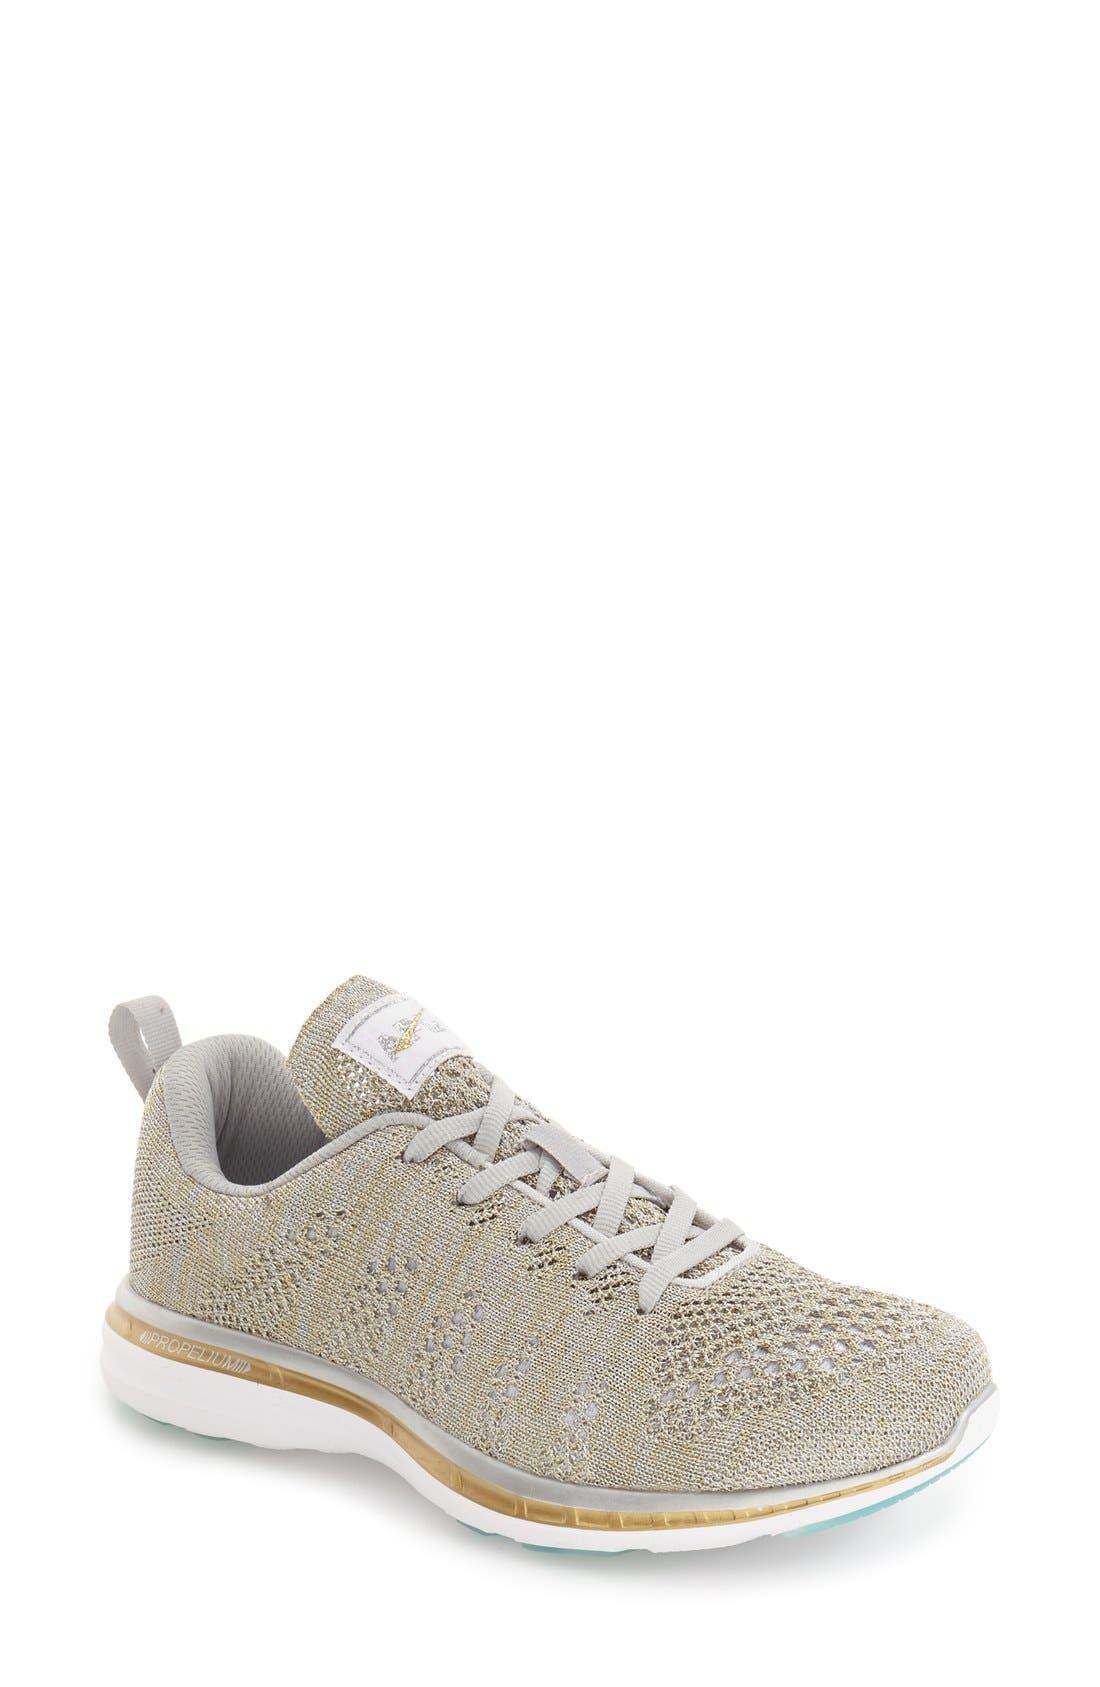 Alternate Image 1 Selected - APL 'Techloom Pro' Running Shoe (Women)